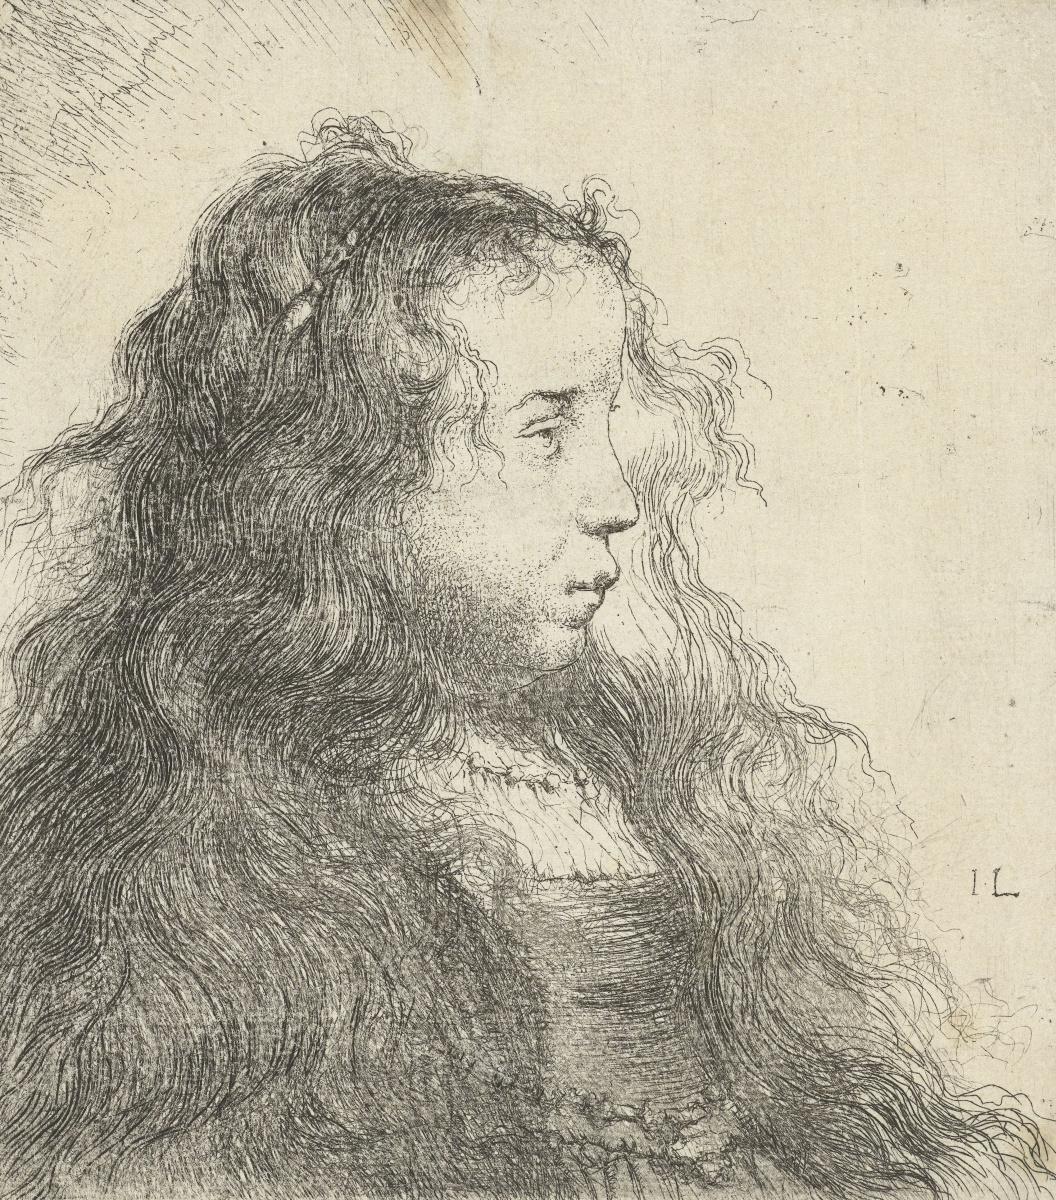 Ян Ливенс. Портрет девушки с распущенными волосами